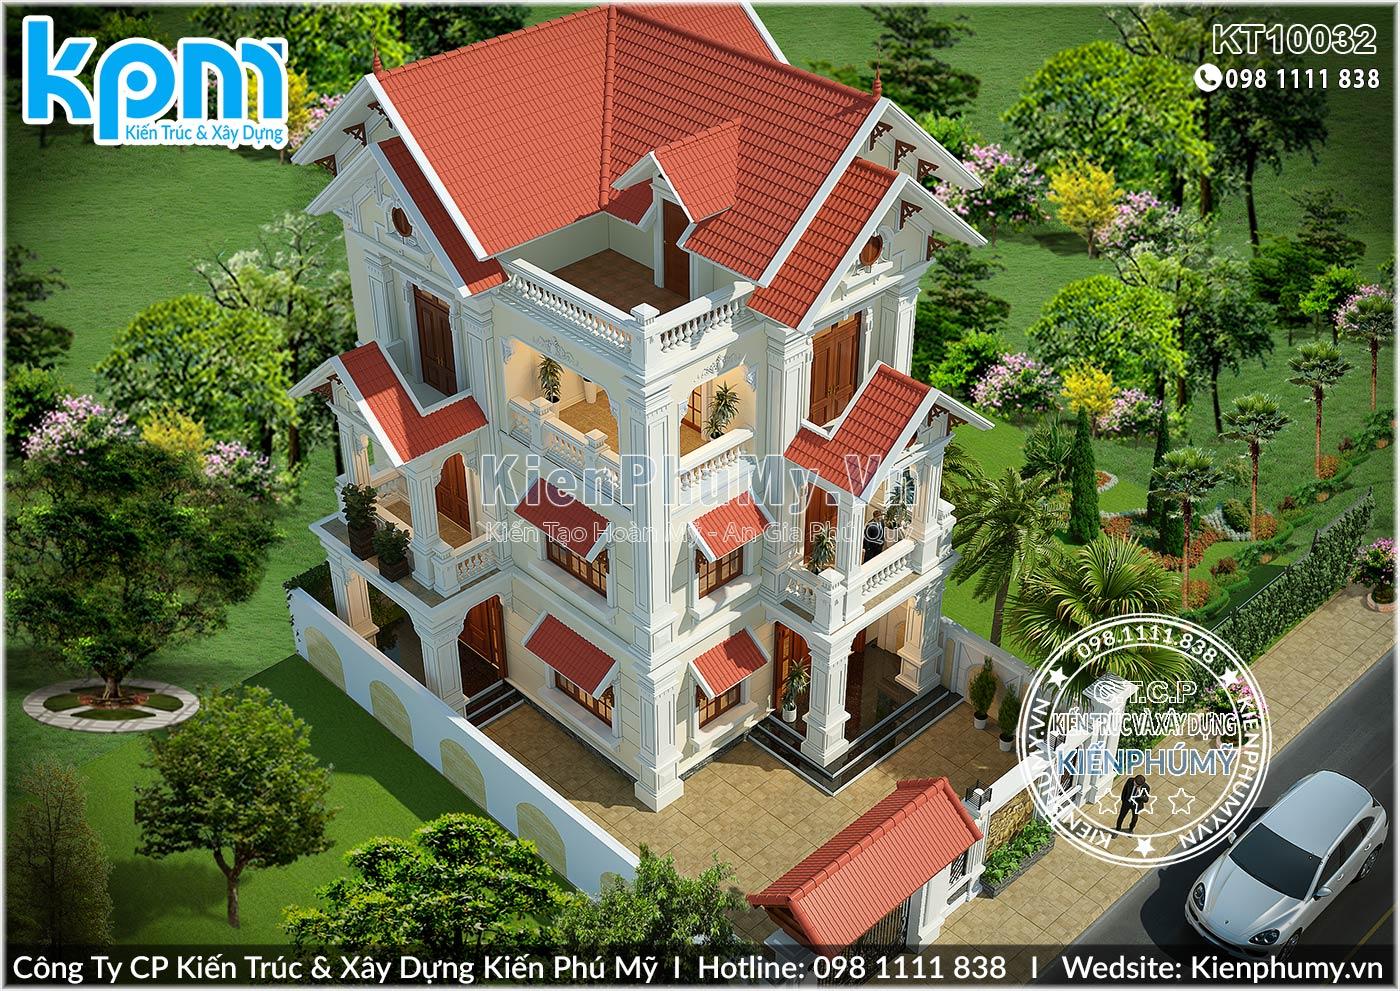 Thiết kế tổng thể căn nhà biệt thự 80m2